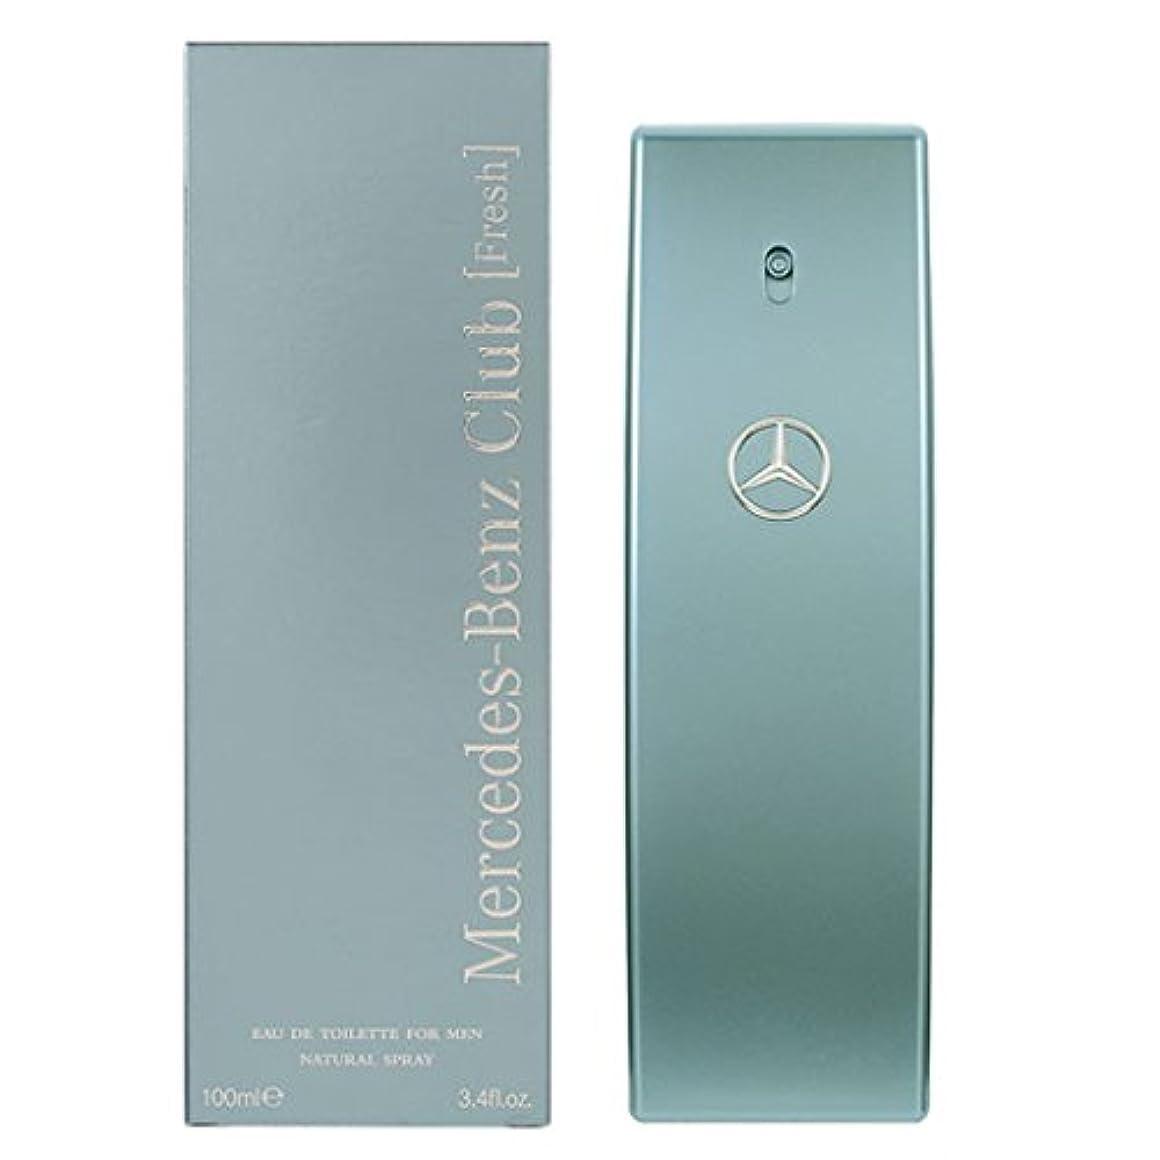 メルセデスベンツ Mercedes Benz クラブフレッシュ EDT SP 100ml